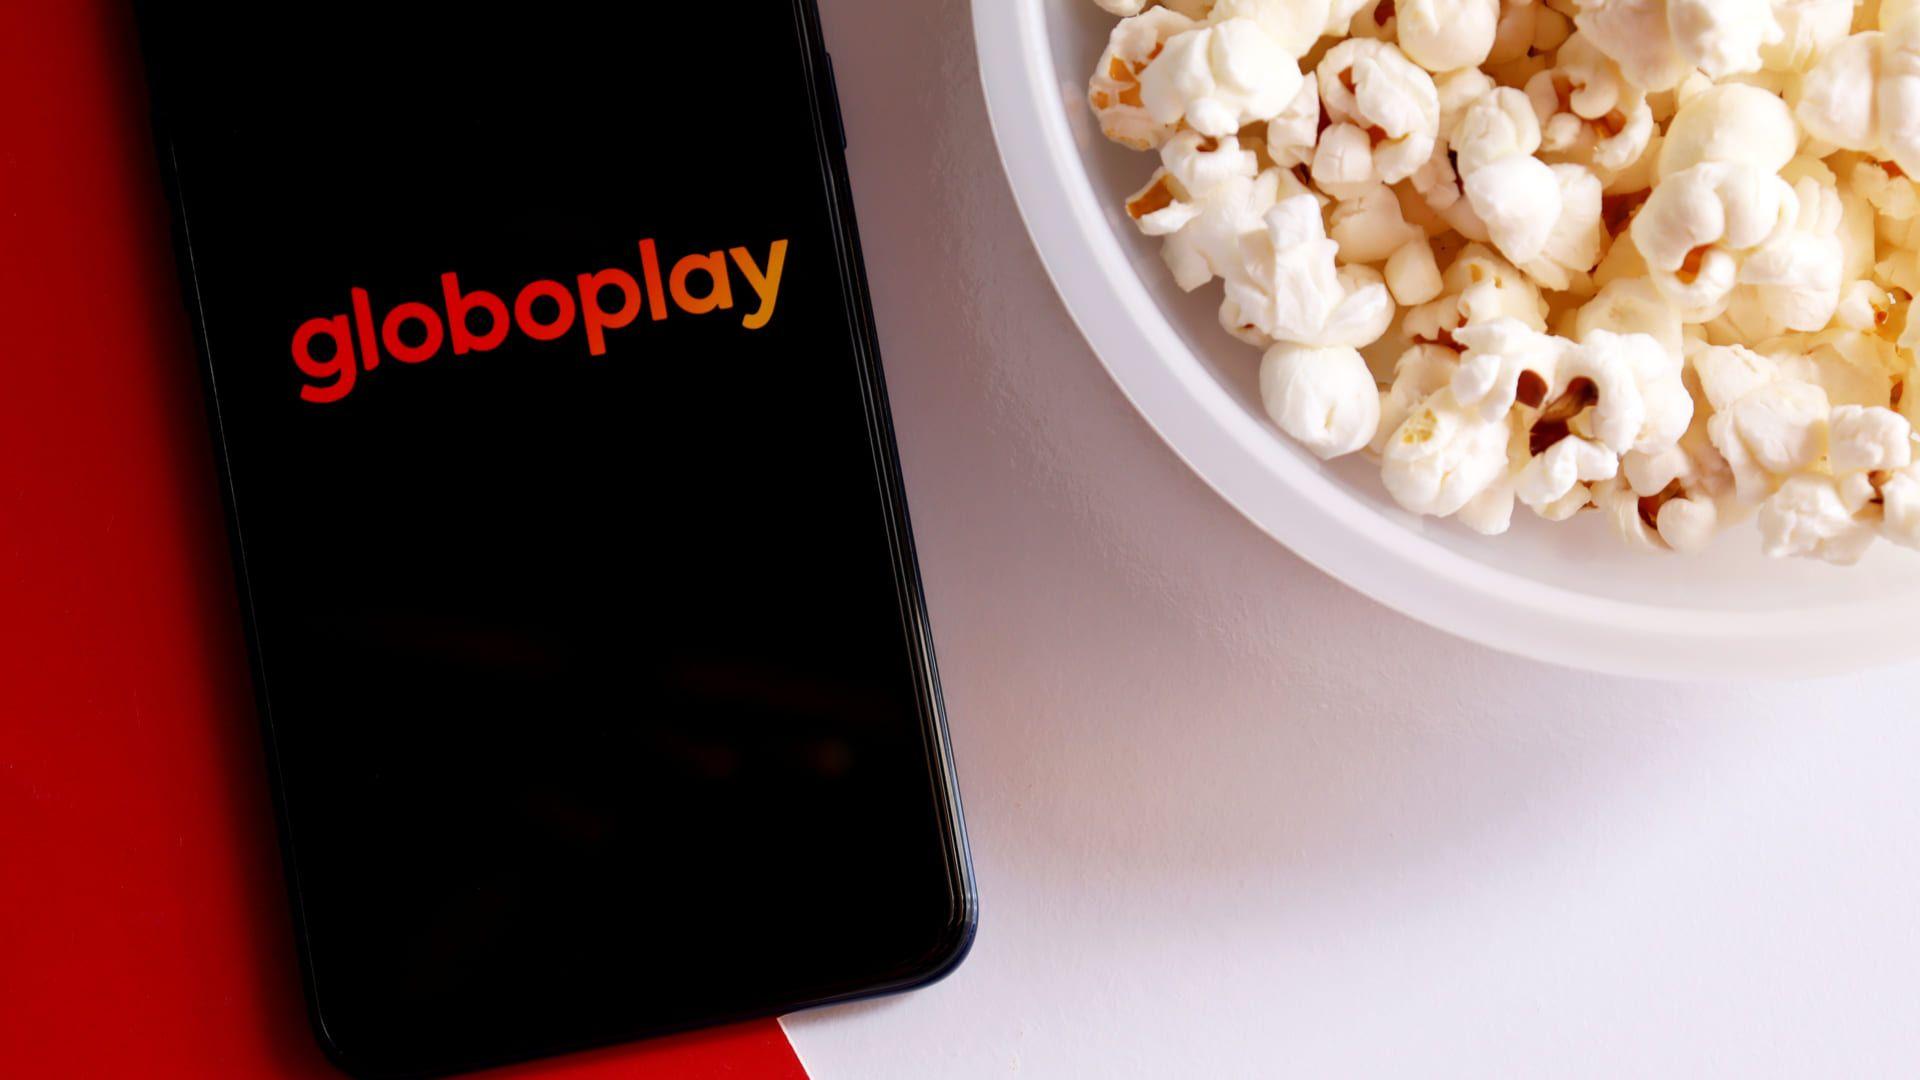 Aplicativo do Globoplay roda em celulares Android e iOS (Foto: Shutterstock)